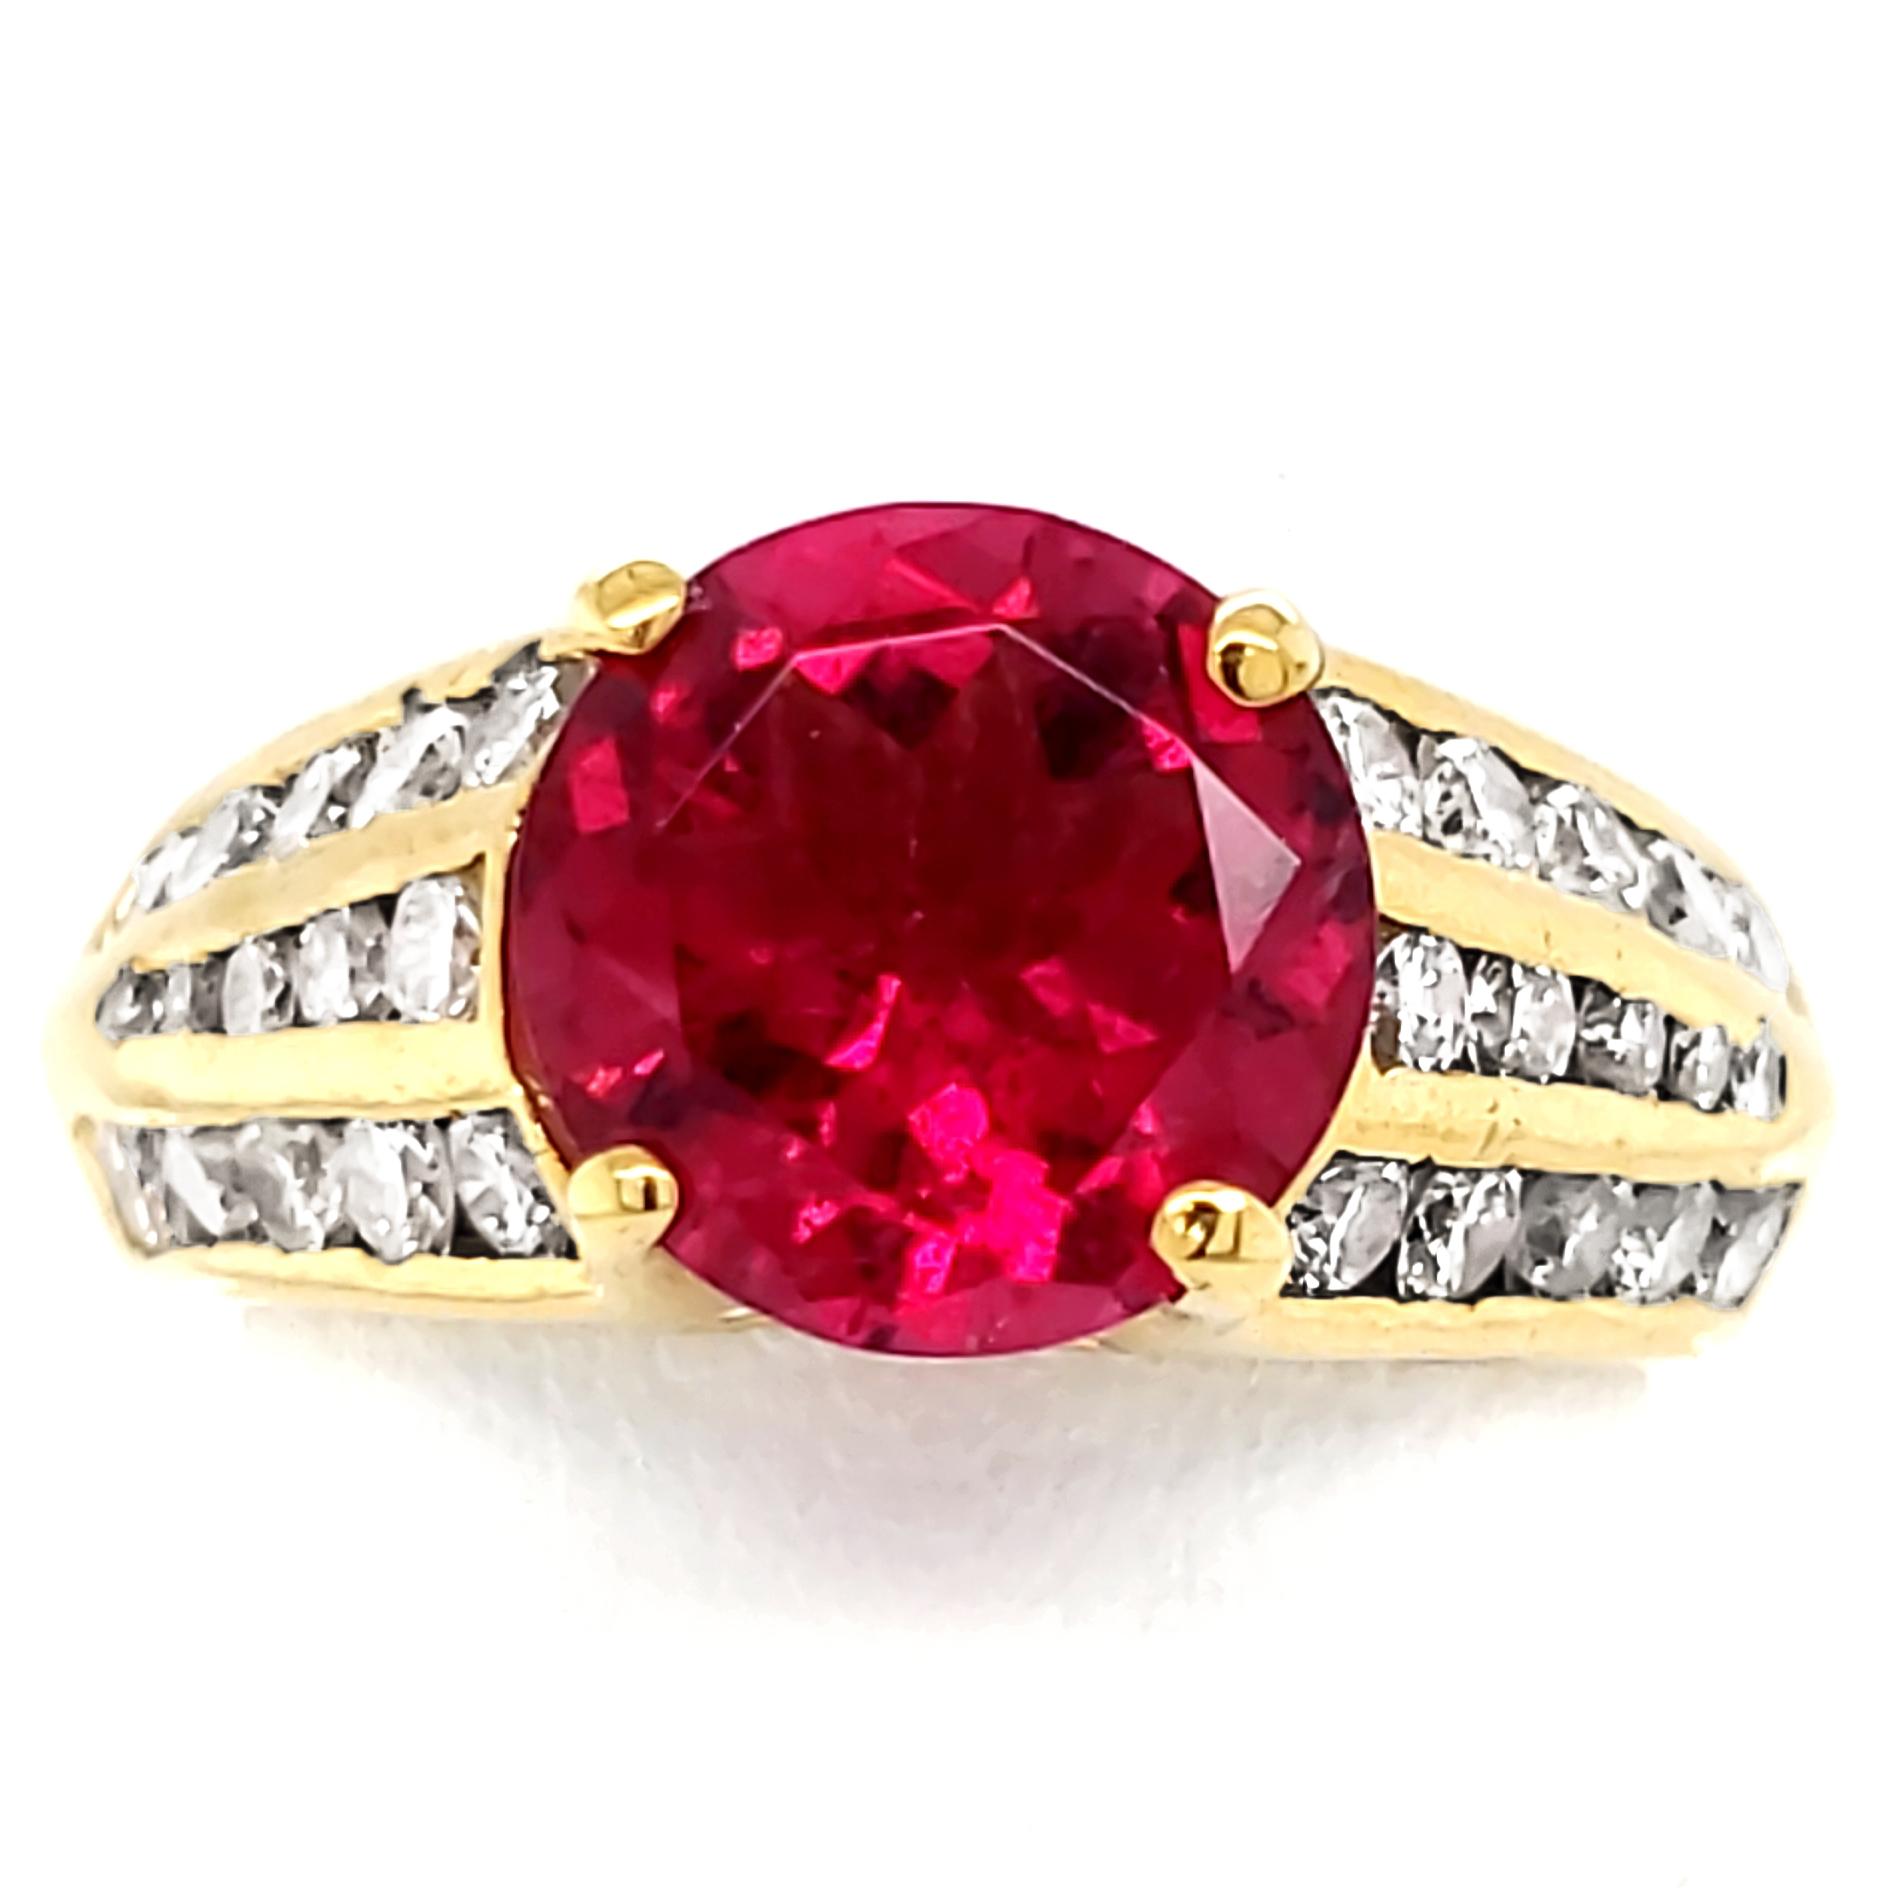 2.08 carat Rubellite and Diamond 18k Ring